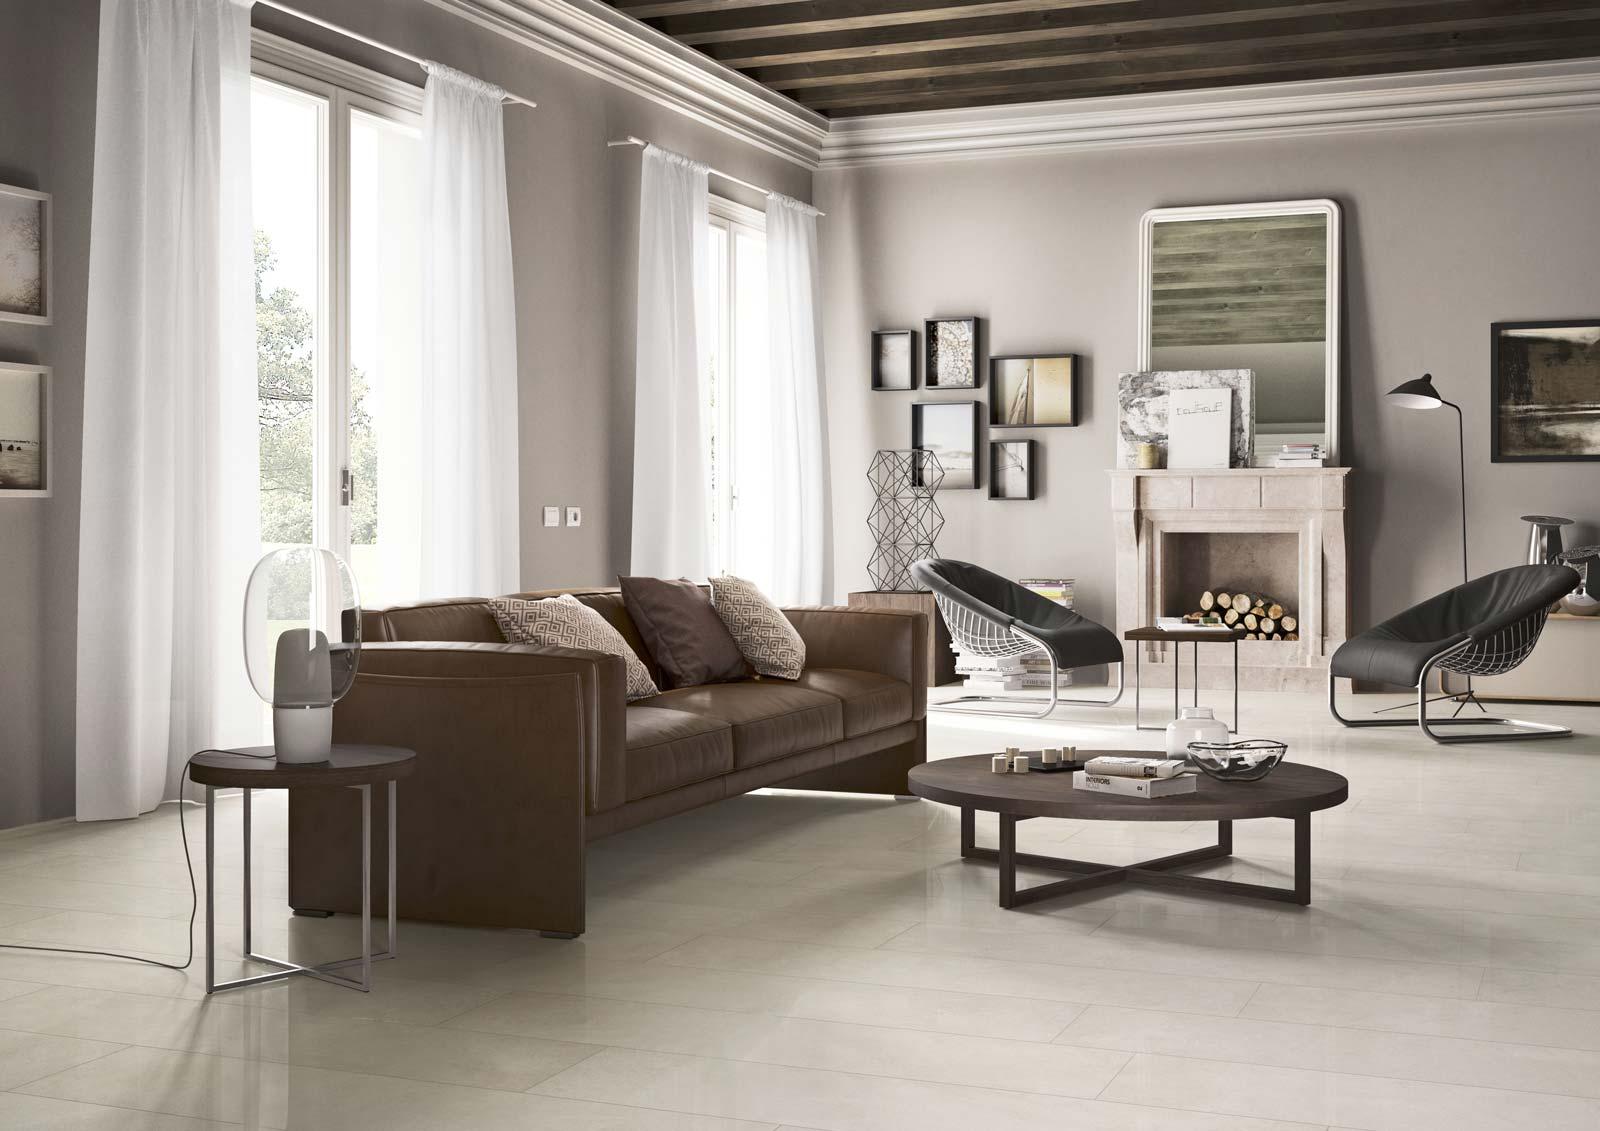 Piastrelle per salotto ispirazione per l 39 arredo marazzi for Salotto elegante